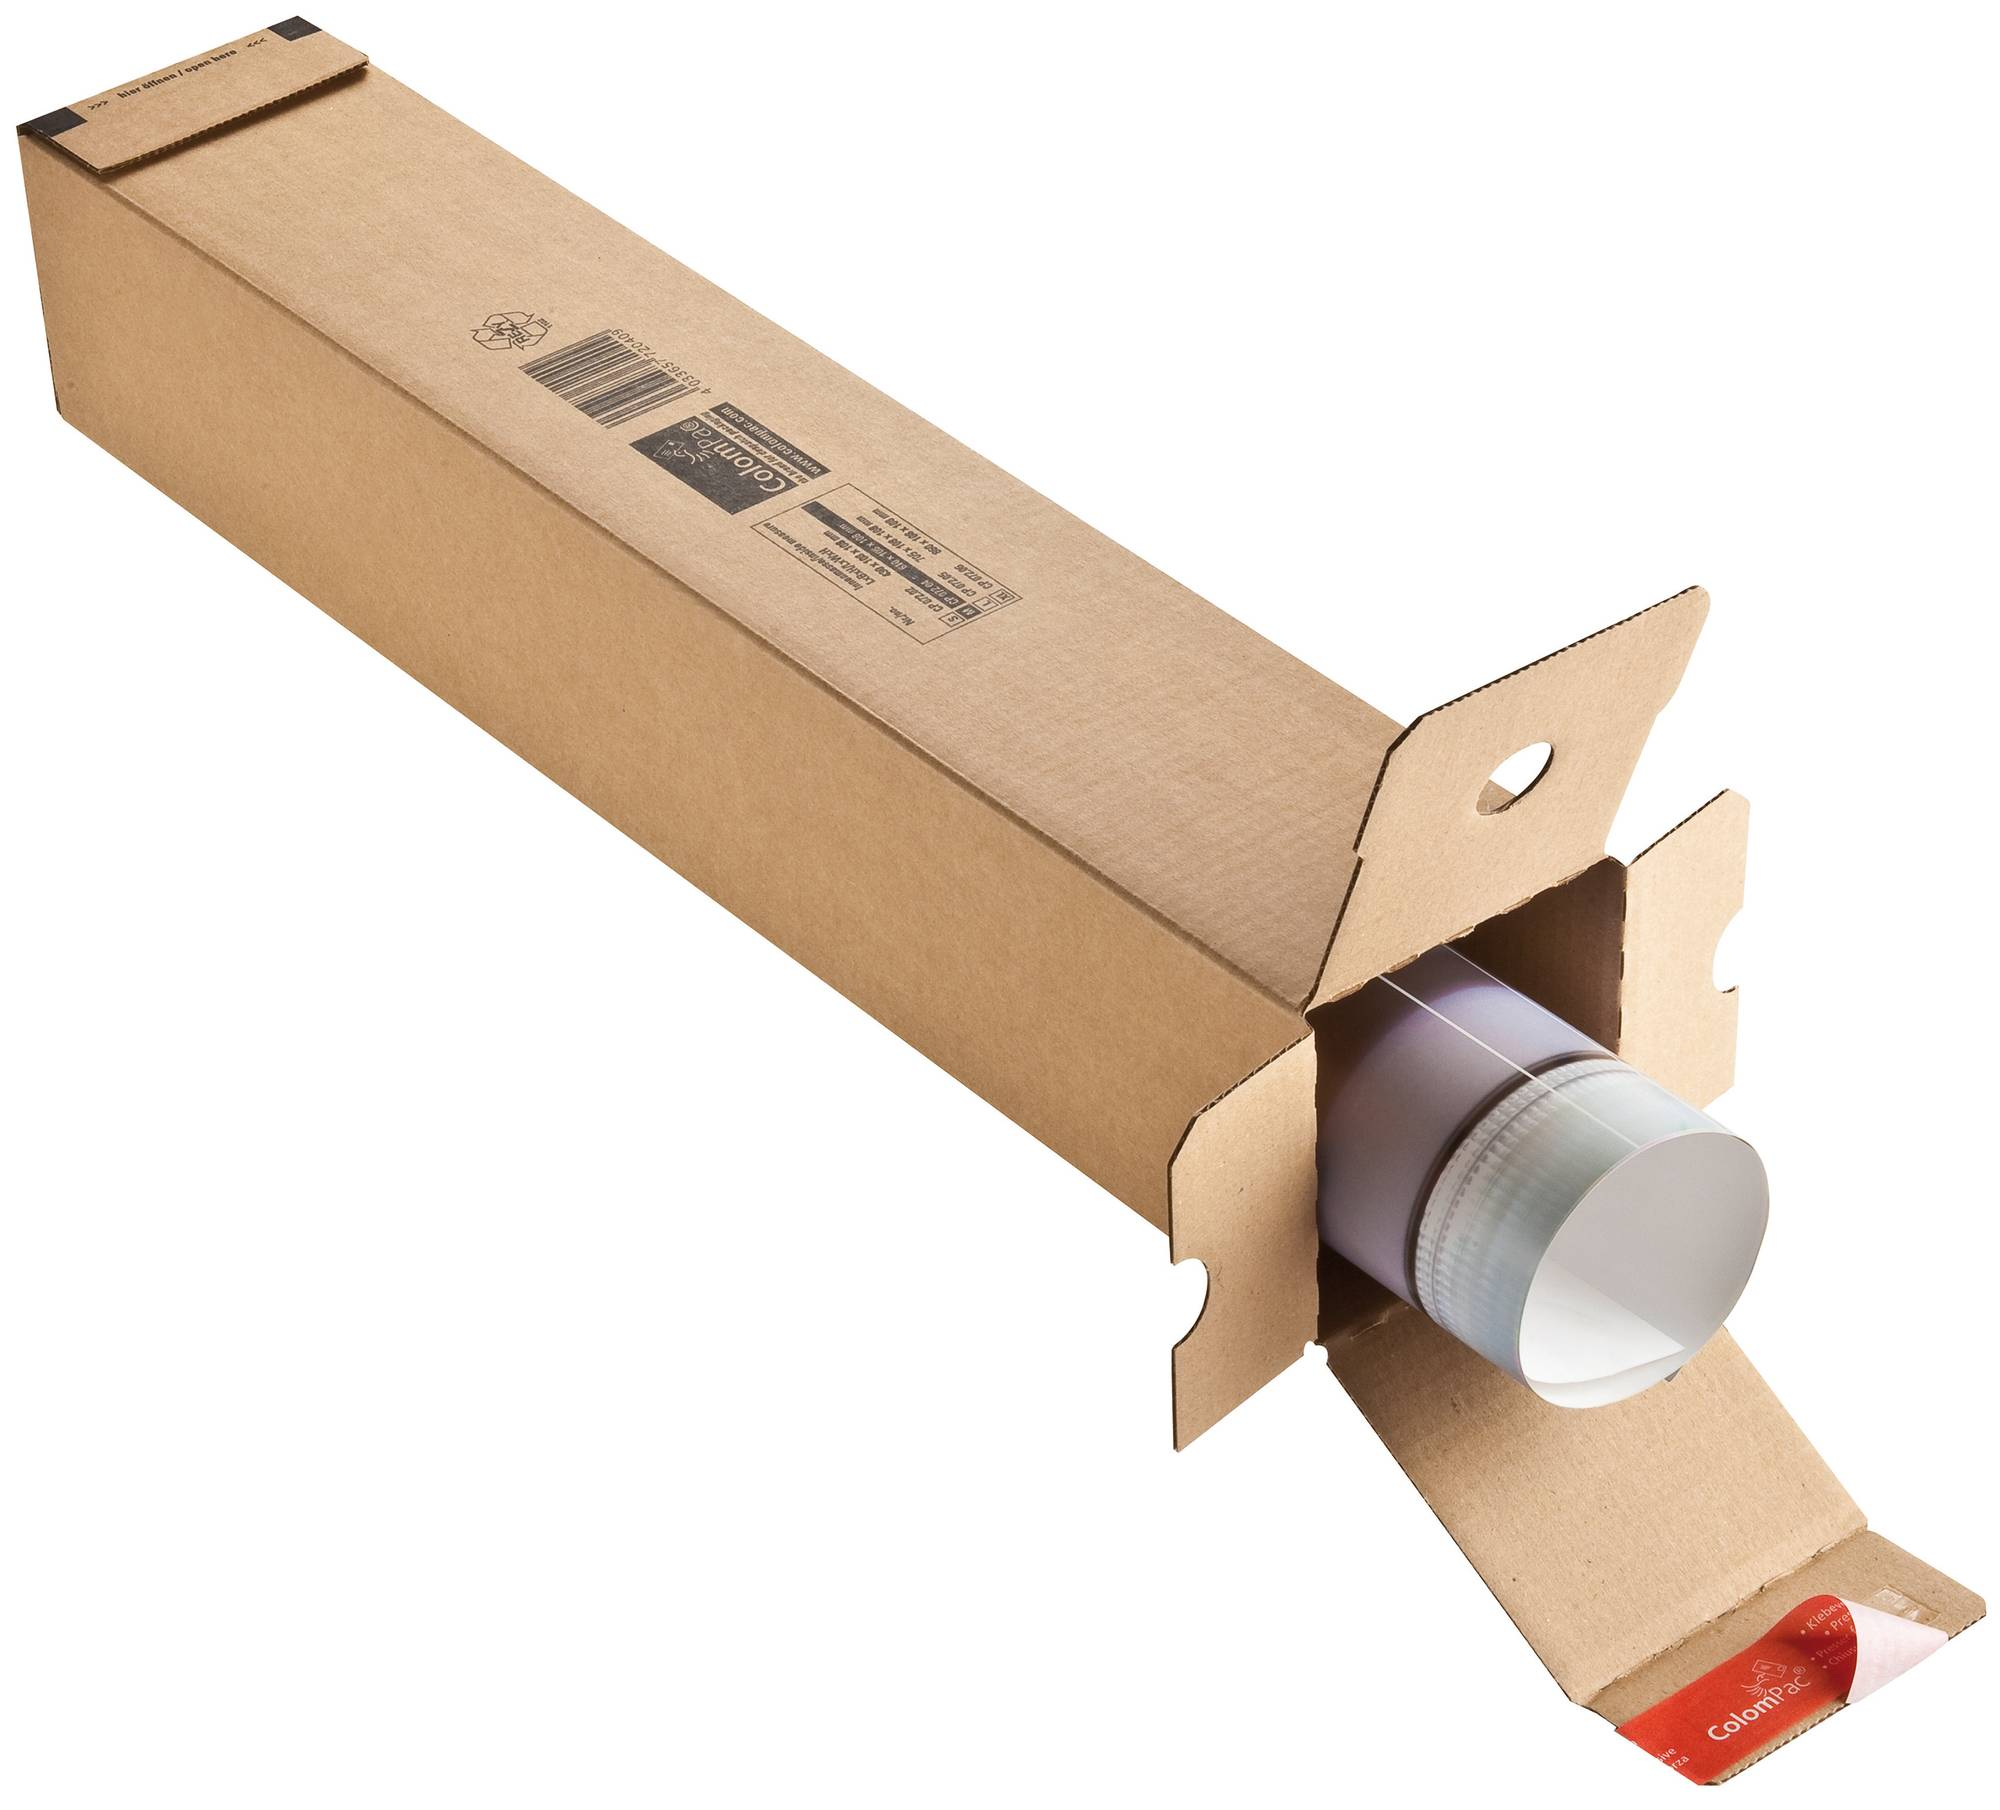 Planversand- Box für A1 aus Wellenpappe in braun, mit Selbstklebeverschluss